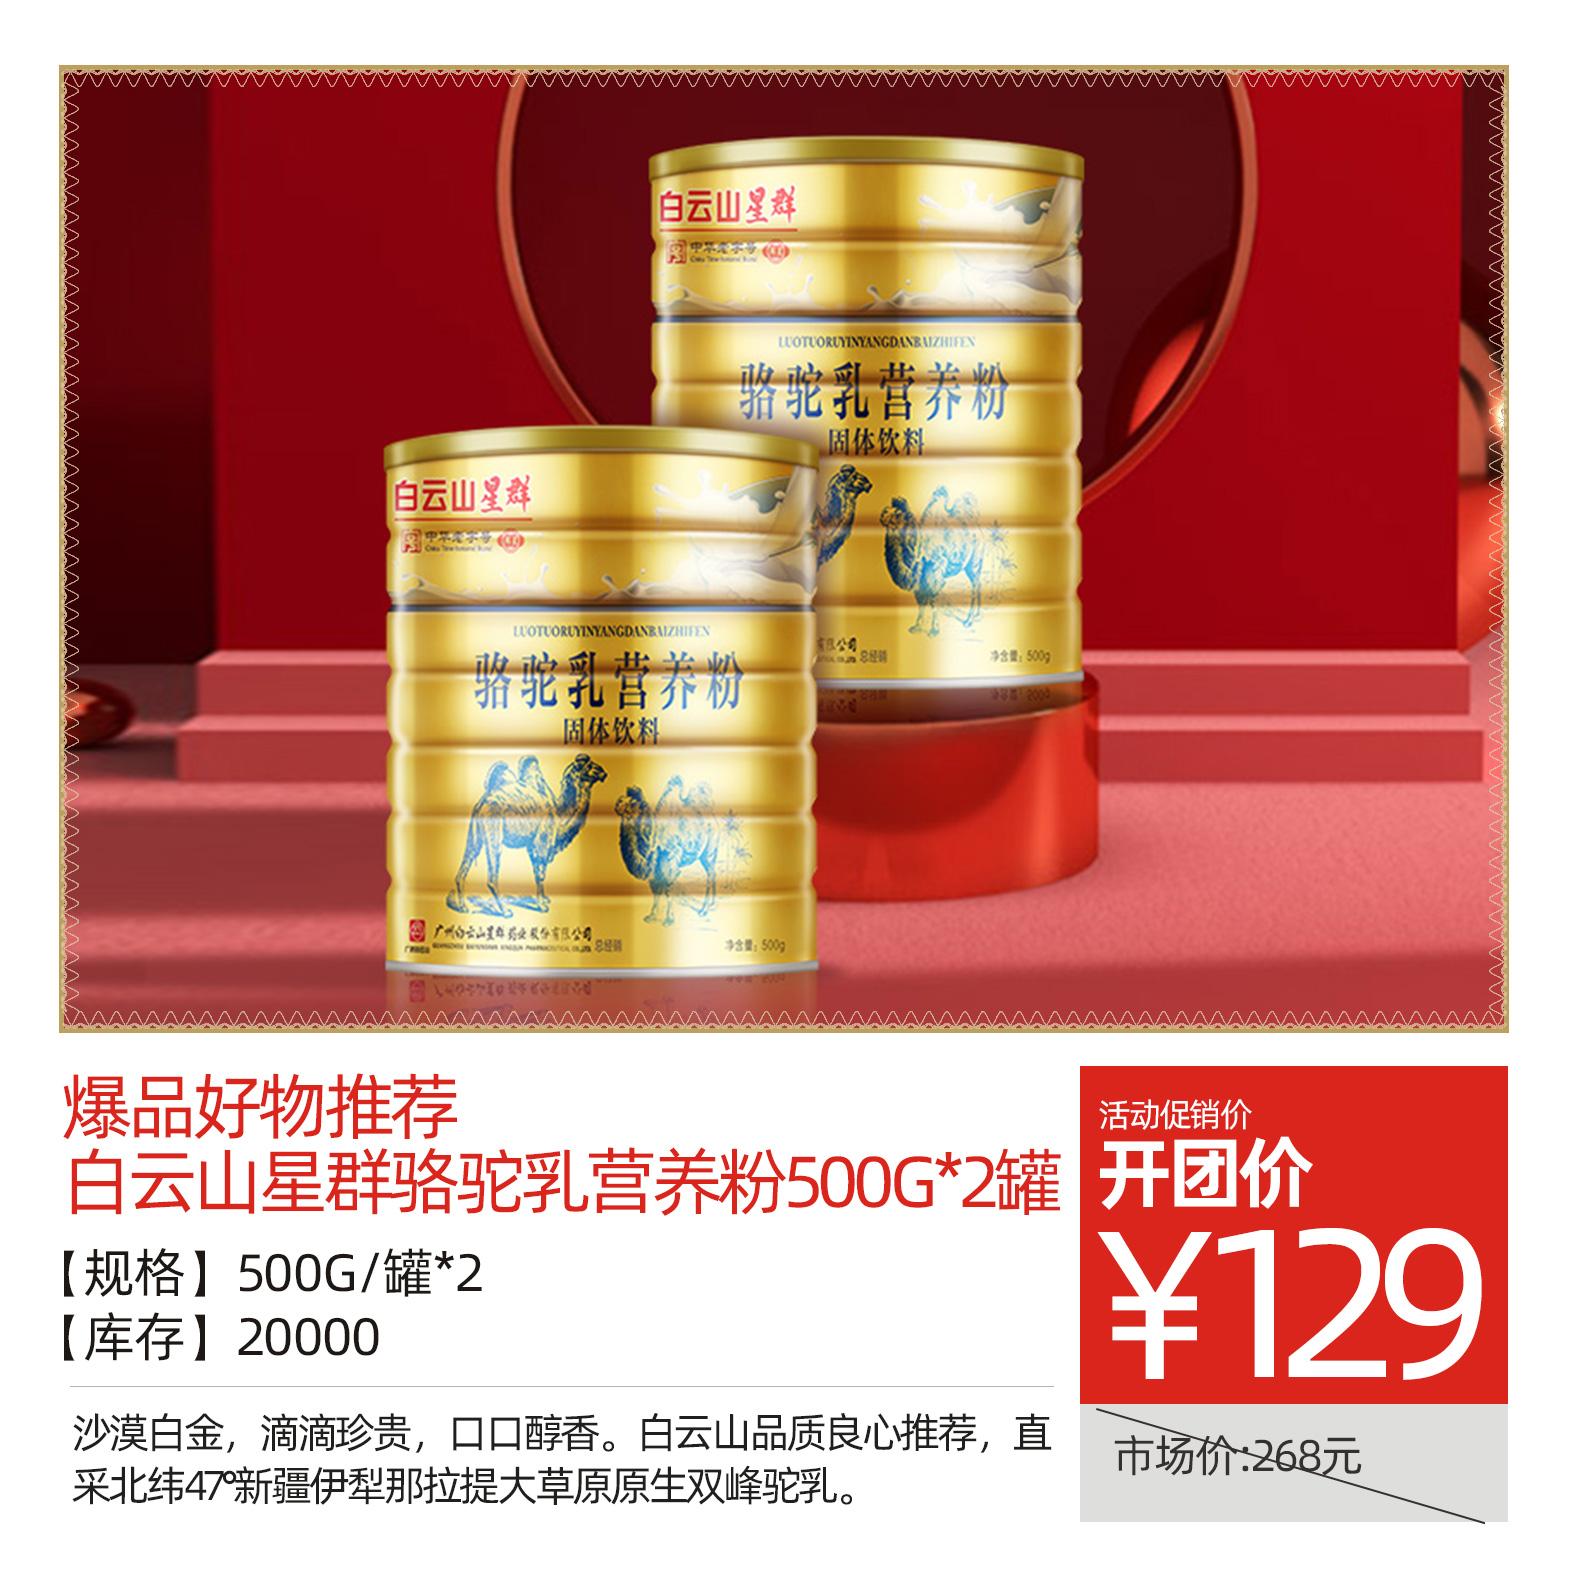 爆品好物推荐【白云山星群骆驼乳营养粉 500g*2罐】